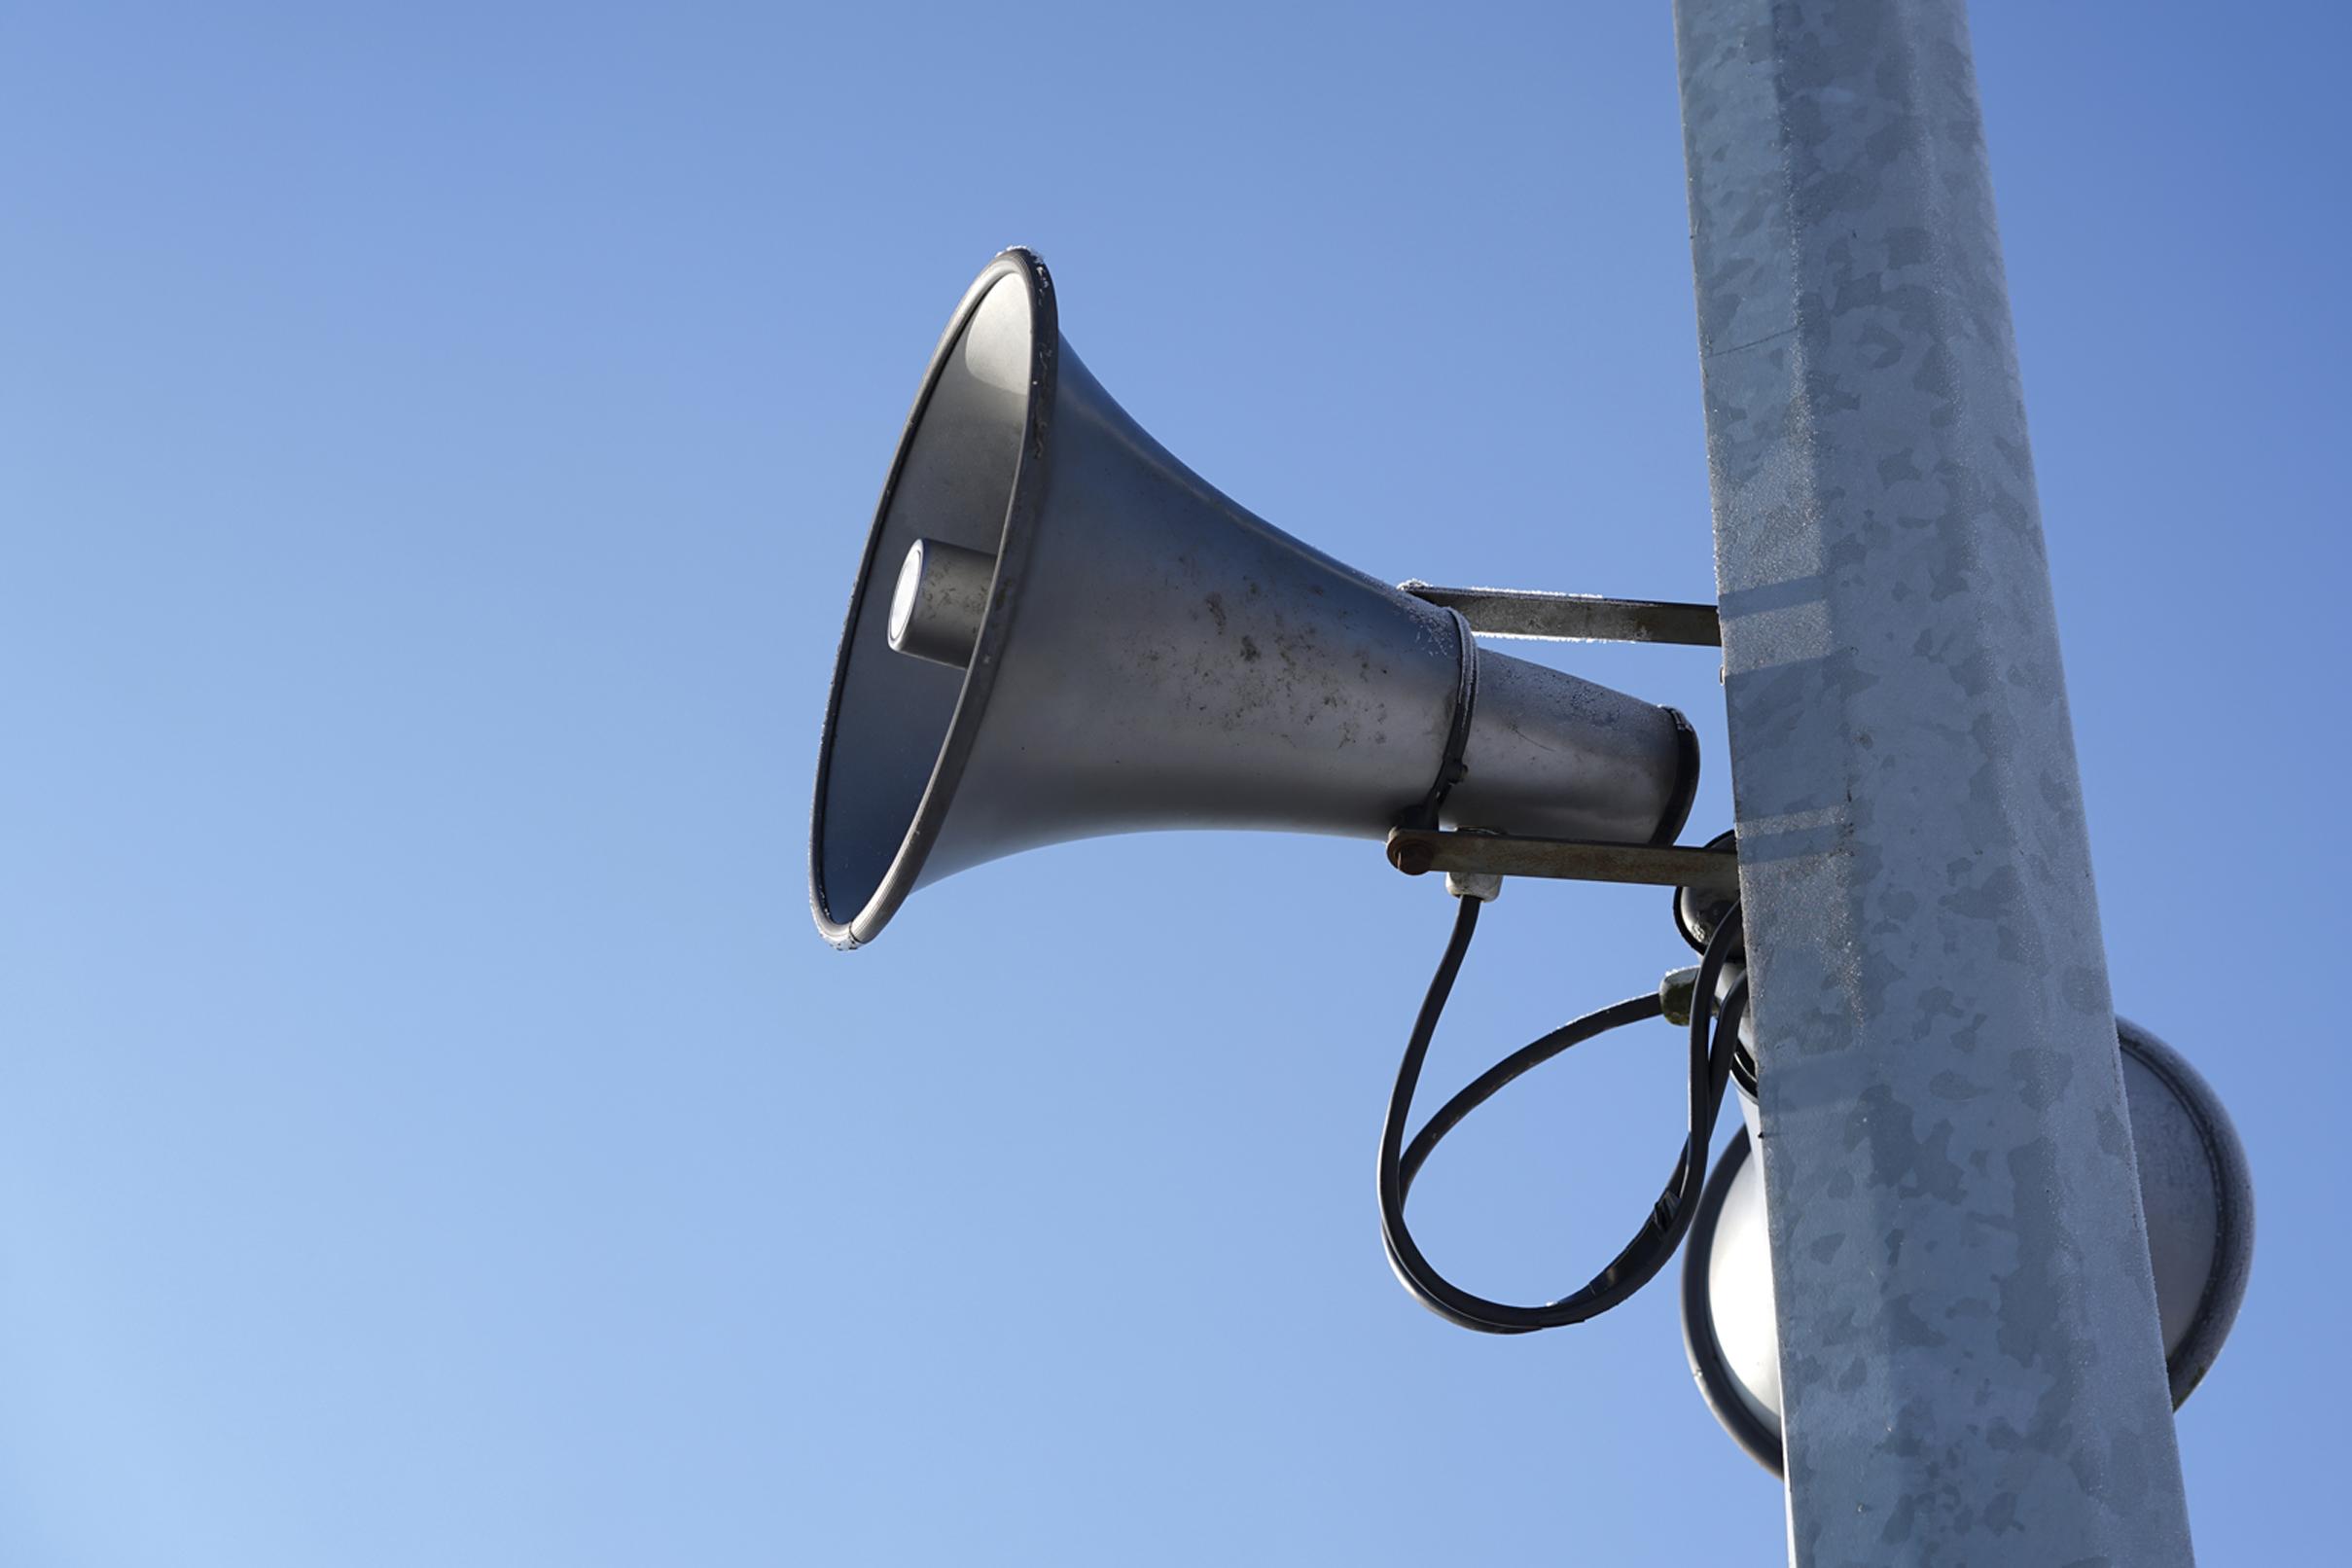 Alarme par sms : les malentendants devront attendre